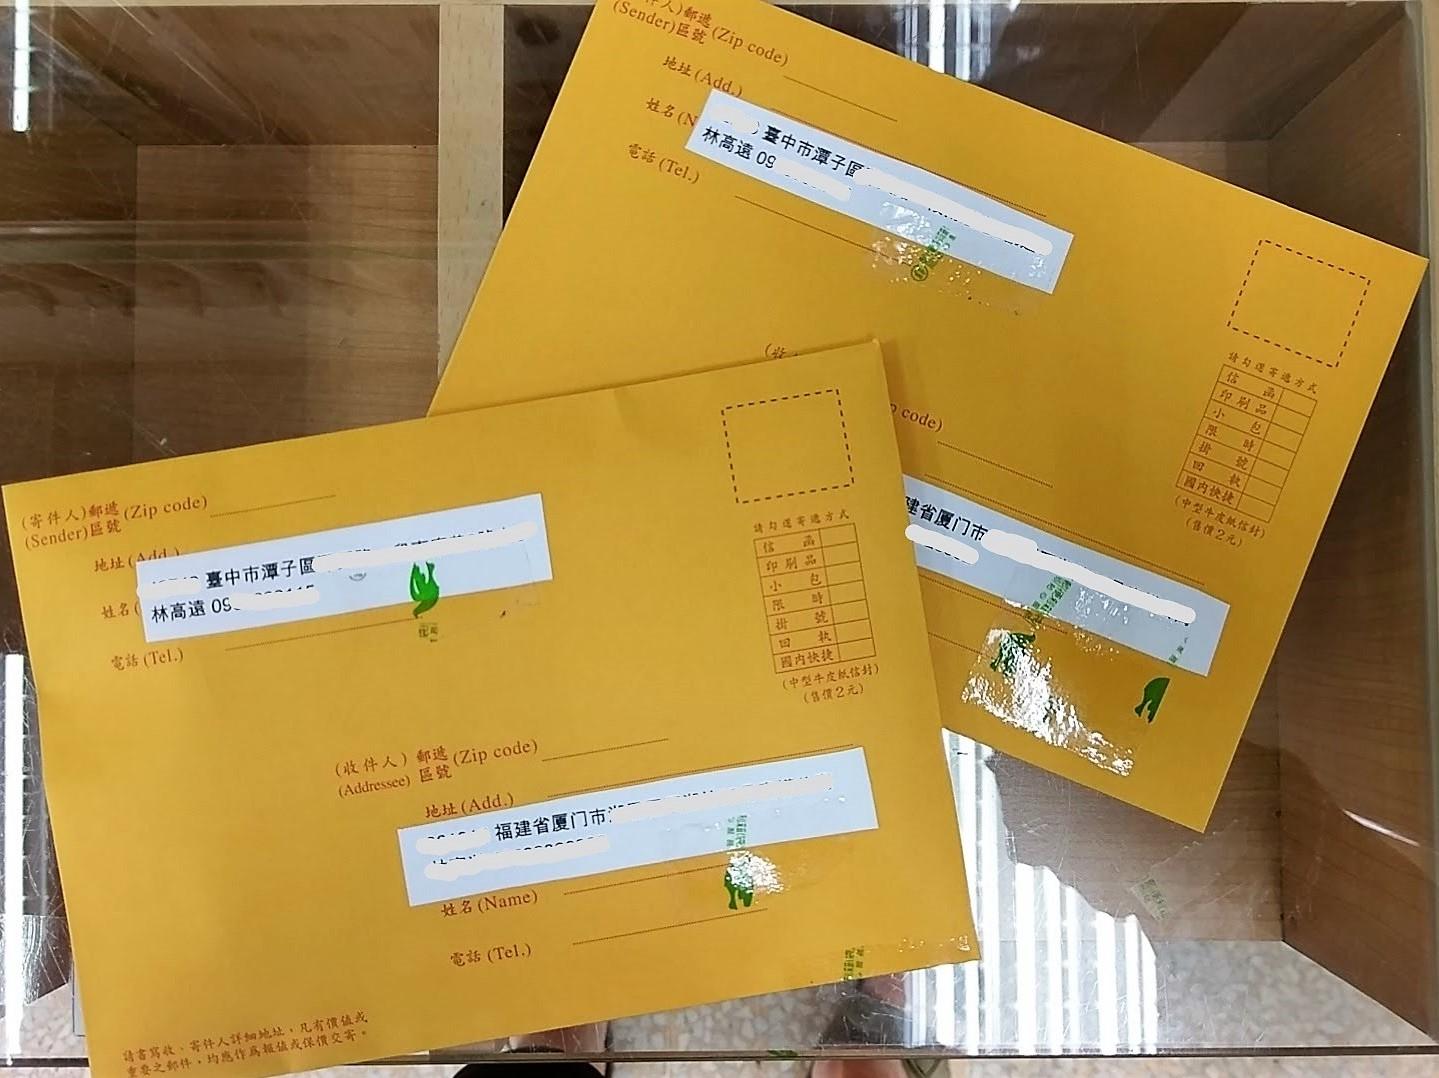 第一次寄信到大陸地區經驗分享(一):寄出   LKY 只有原創內容的 Blog